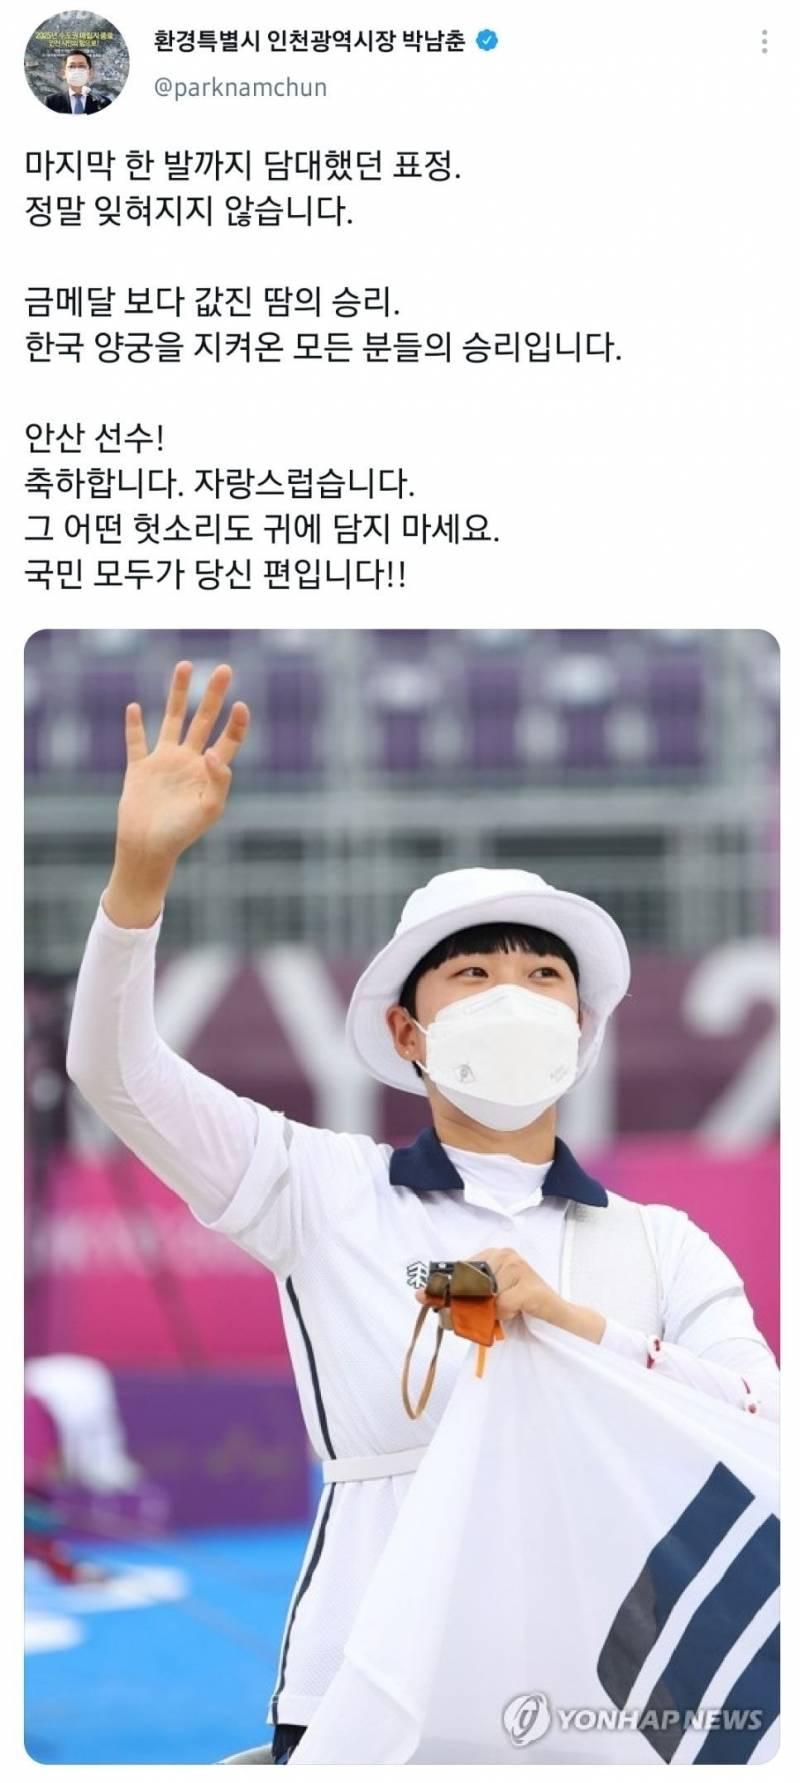 인천시장 안산선수 관련 트위터   인스티즈